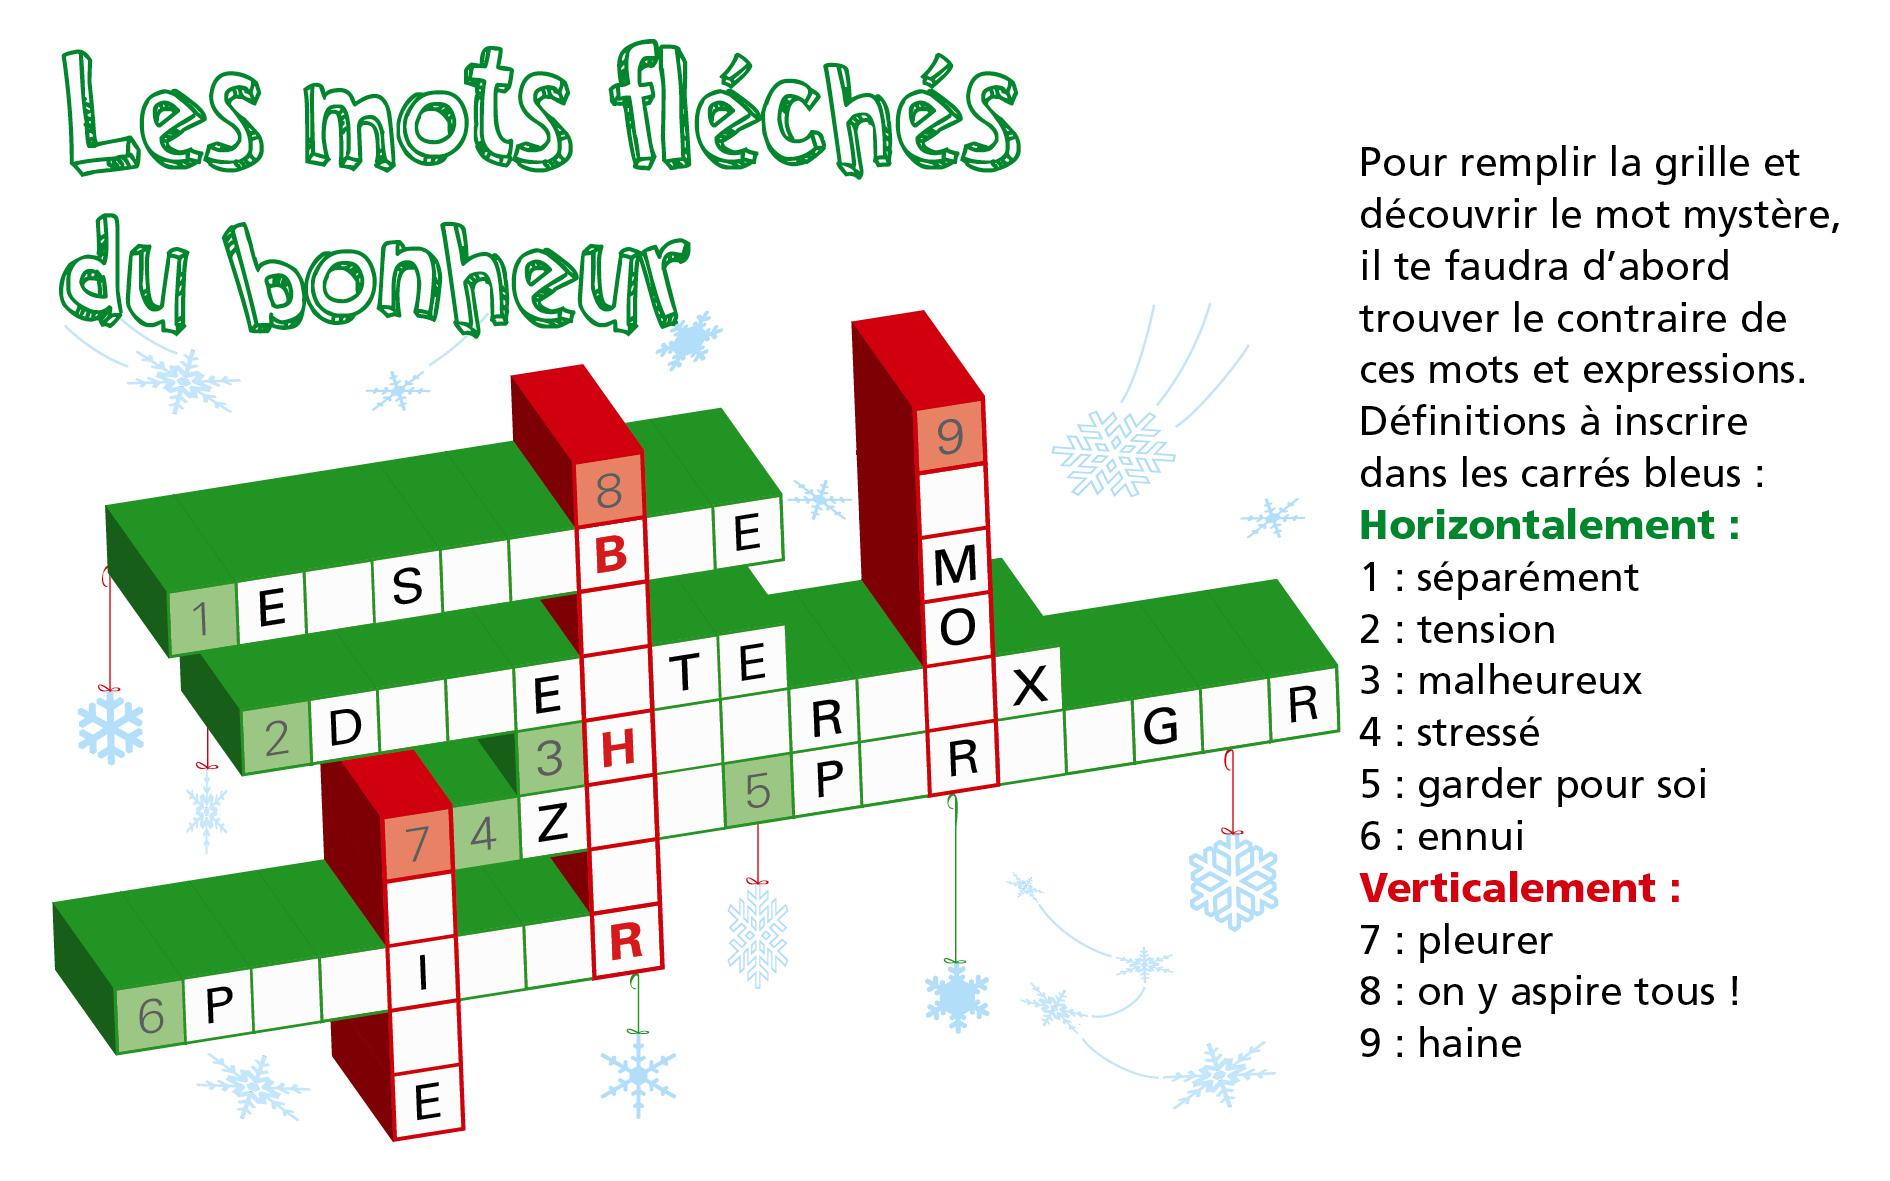 Les Mots Fléchés Du Bonheur / Jeu Lig'up - Lig'up destiné Jeux De Mots Fléchés Gratuits